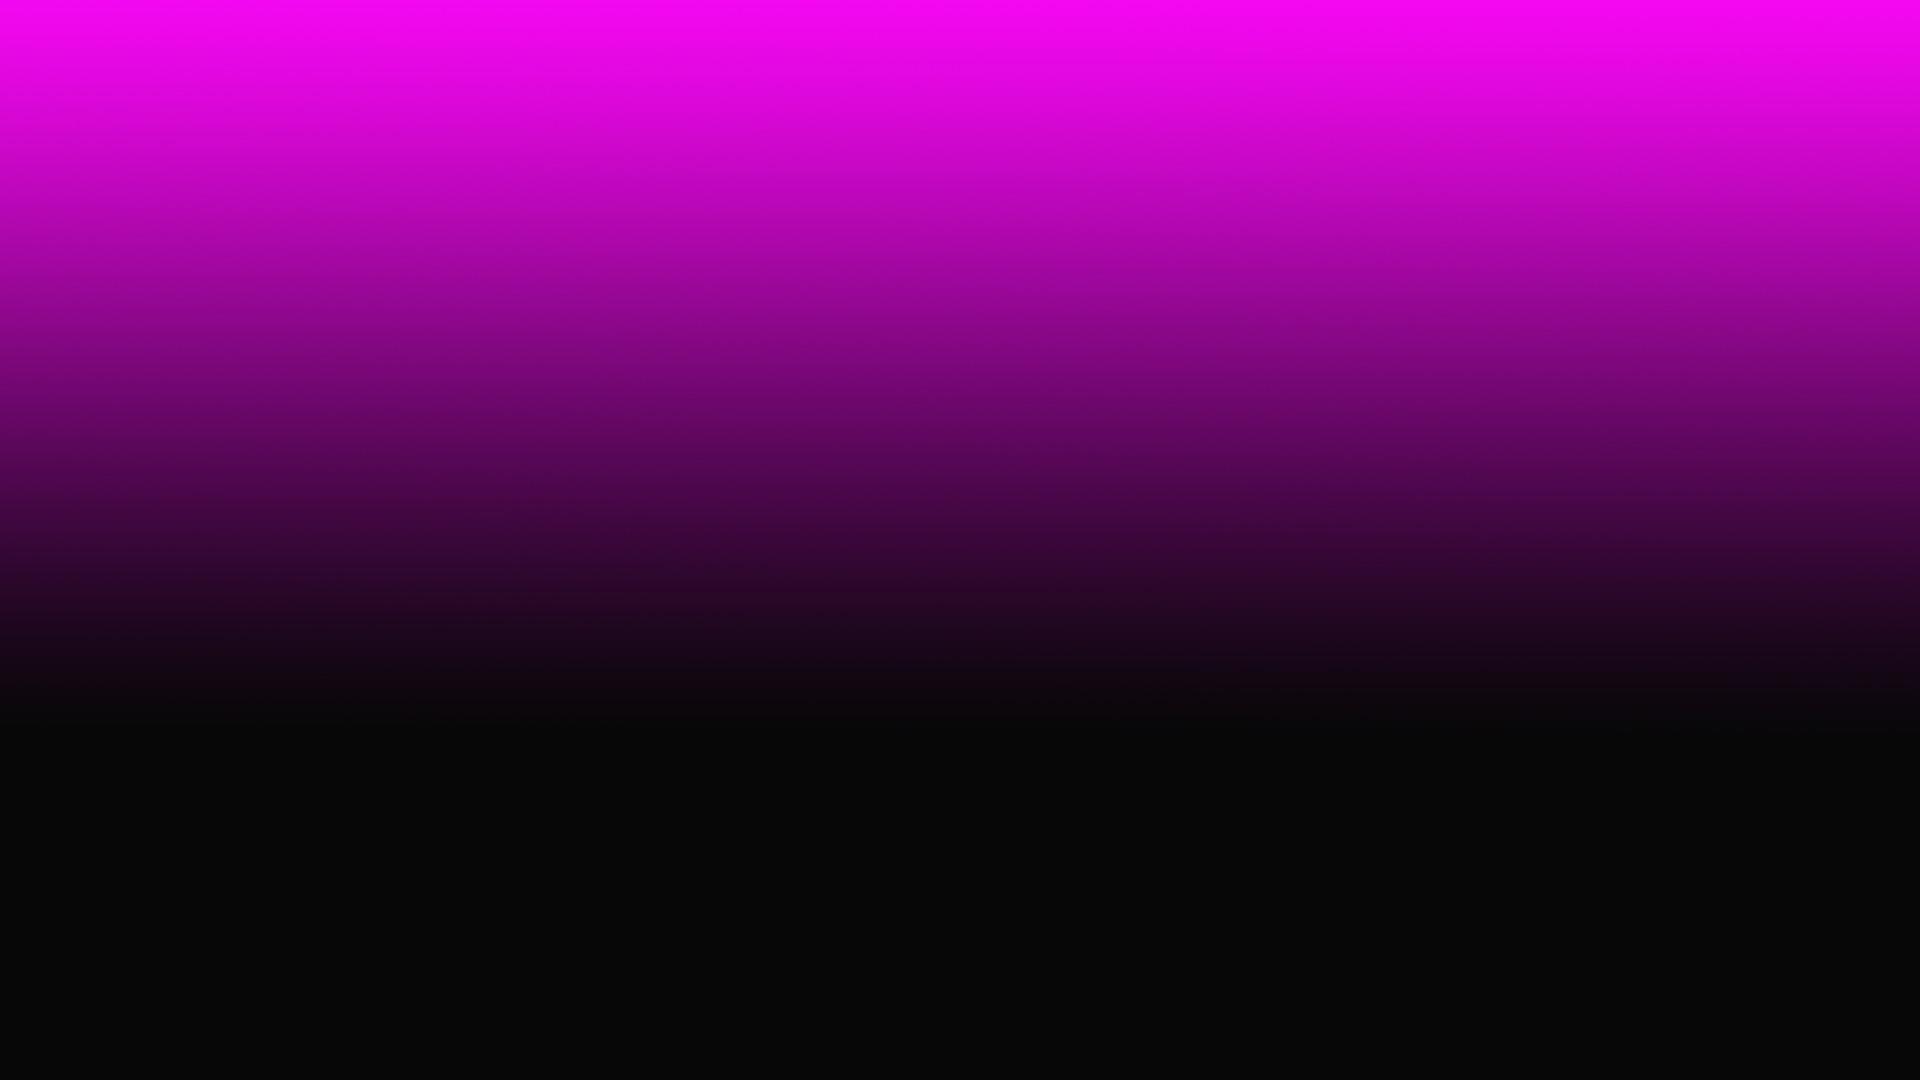 1920x1080 Pink And Black Backgrounds For Desktop Wallpaper Download Light